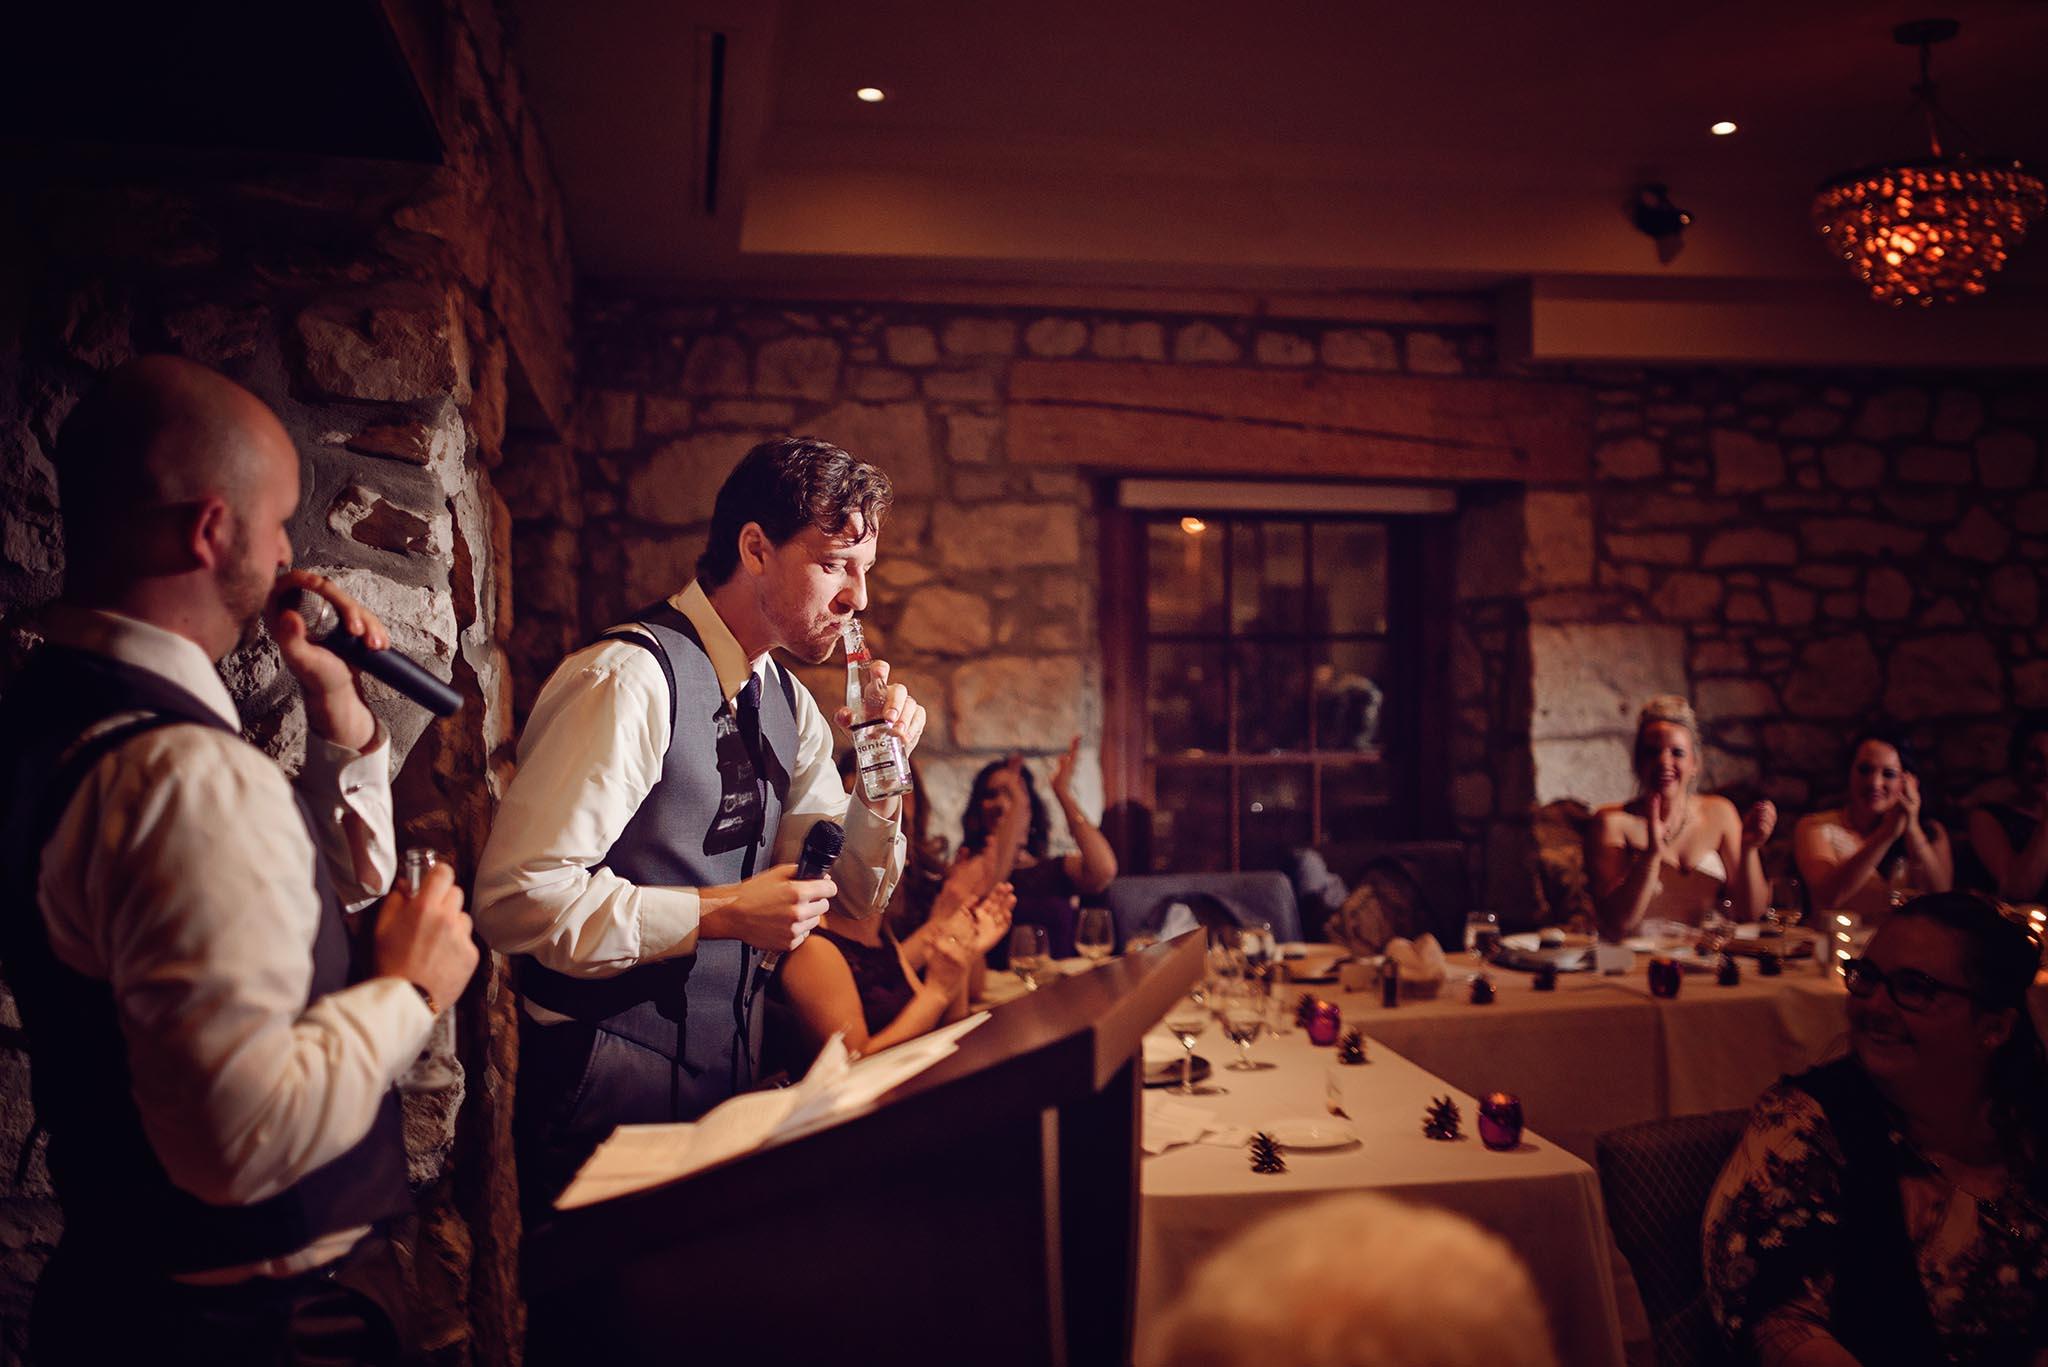 Peter-Bendevis-Photography-Kris-Laura-Cambridge-Mill-Winter-Wedding45